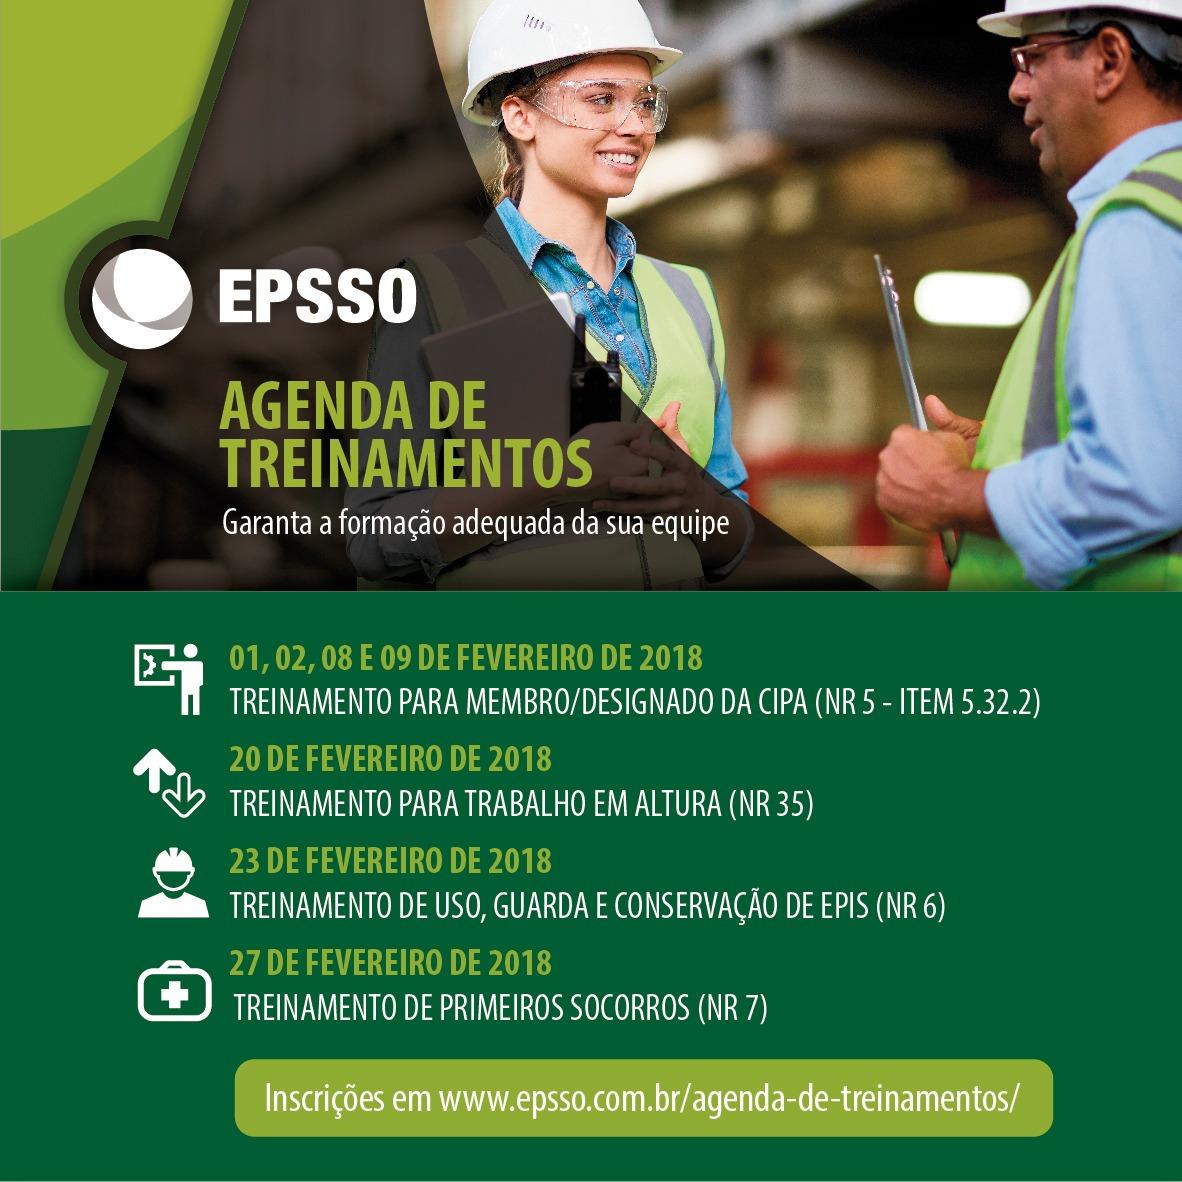 AGENDA-TREINAMENTO-EPSSO-FEV-2018.jpg